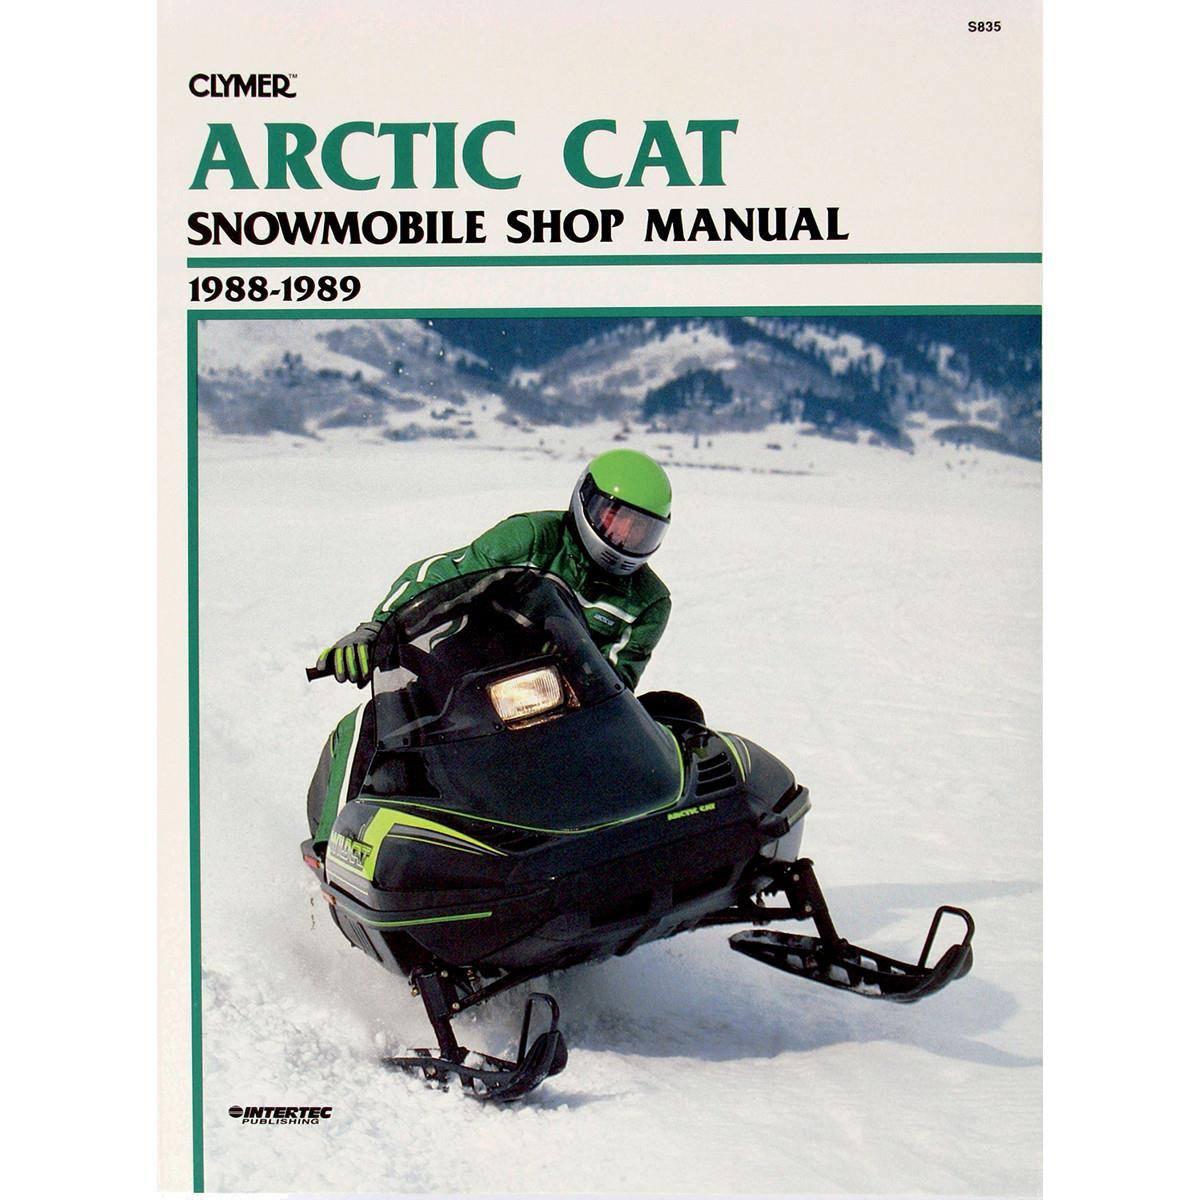 Repair Manual for sale in Metcalfe, ON   Allan Johnston Repair & Sales  (613) 821-4263